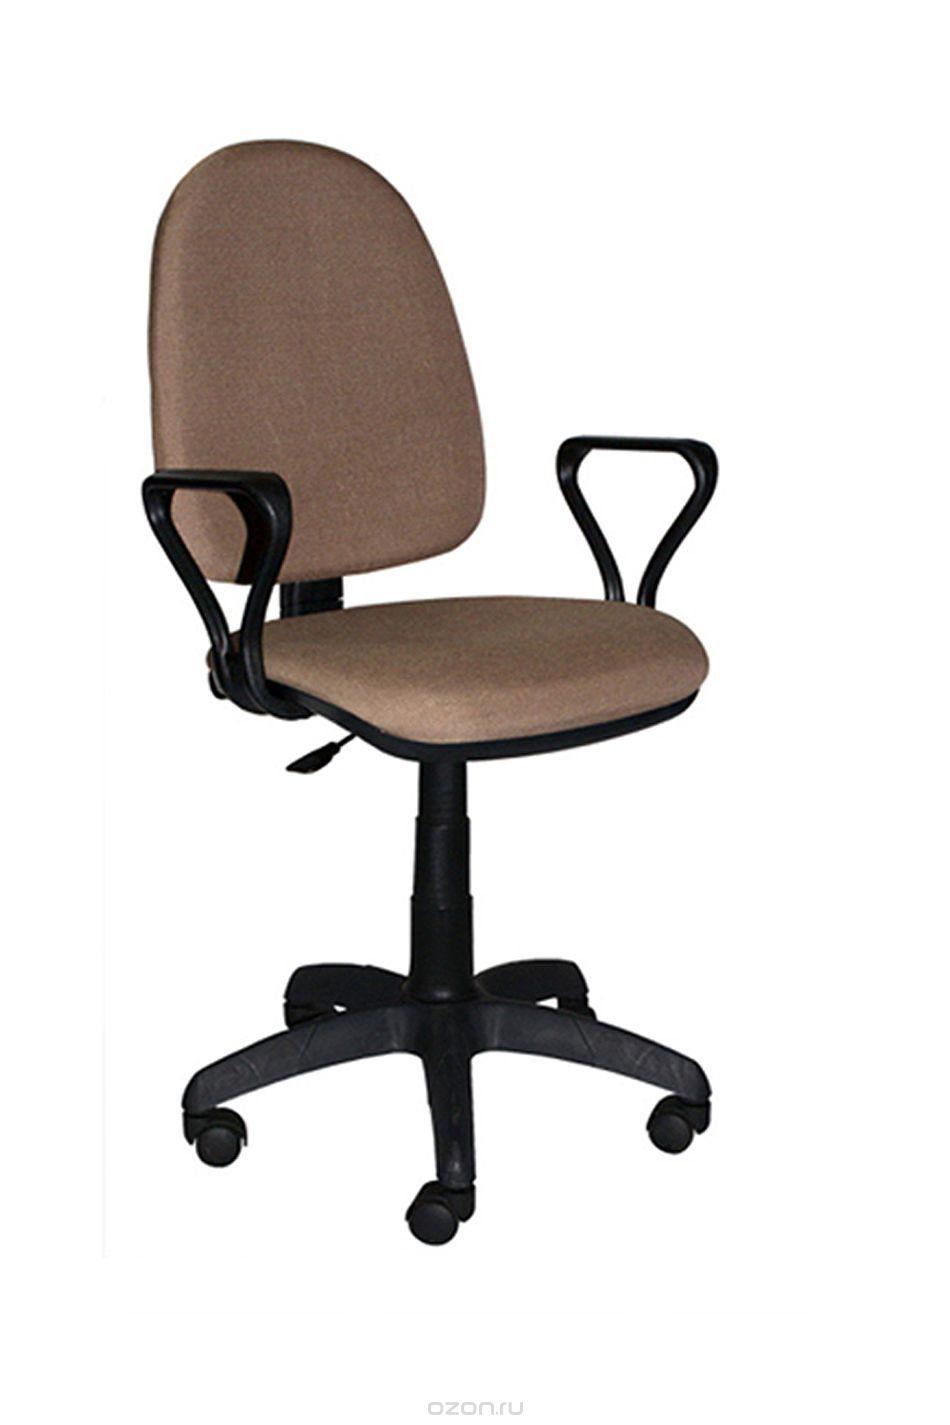 Компьютерное кресло Престиж, ткань, бежевый